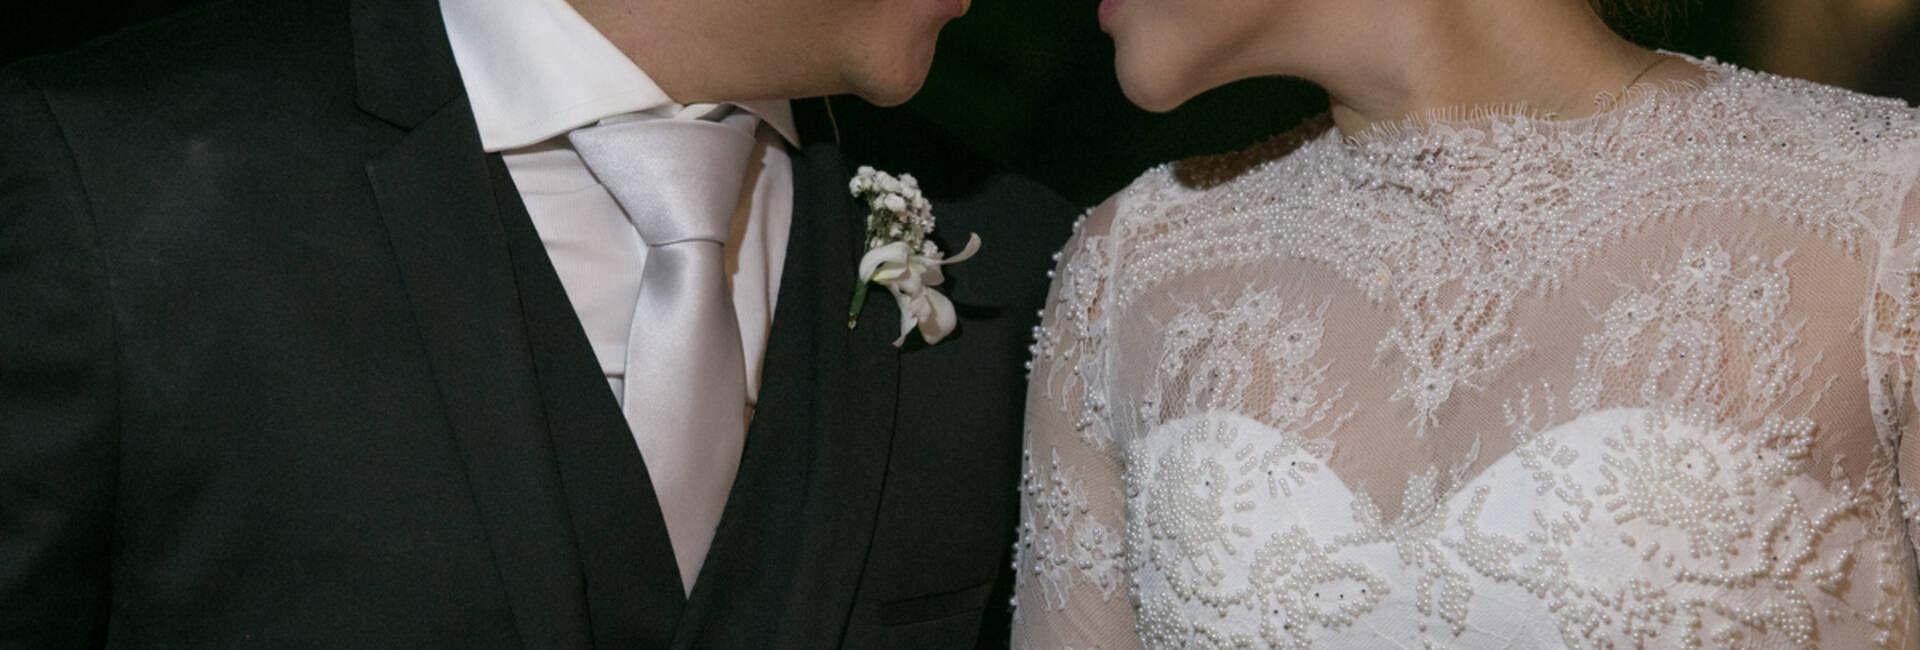 Casamento de Tamires & Dimítrio